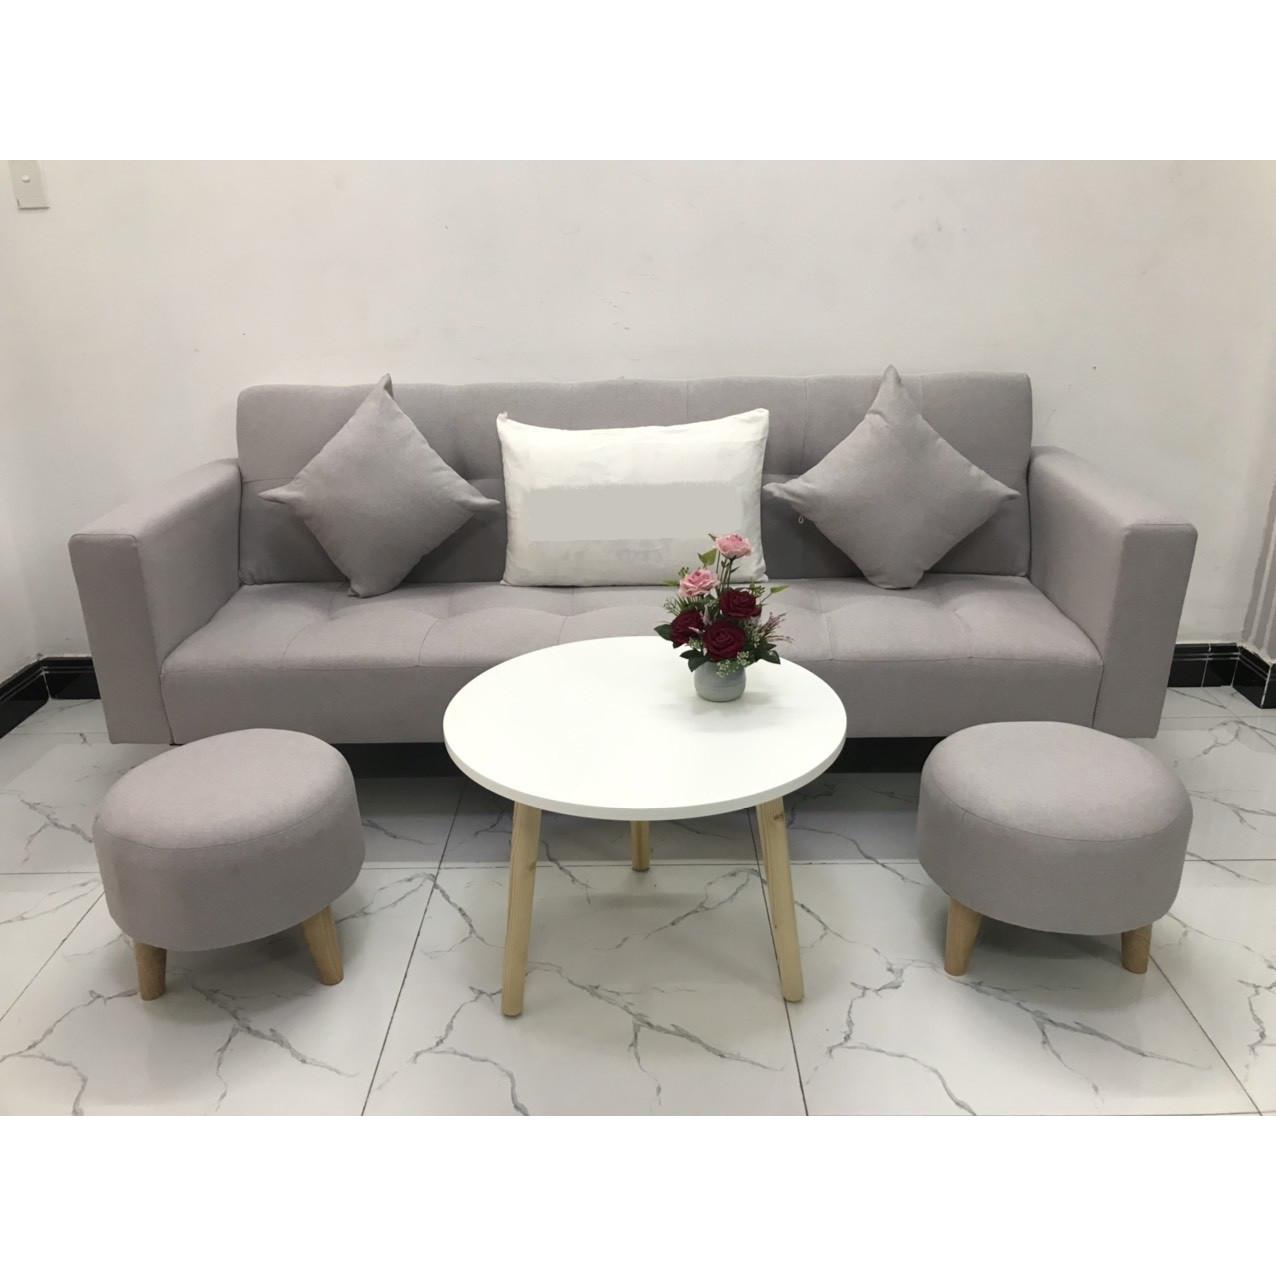 Bộ ghế sofa giường 2mx90 sofa bed tay vịn phòng khách salon linco13